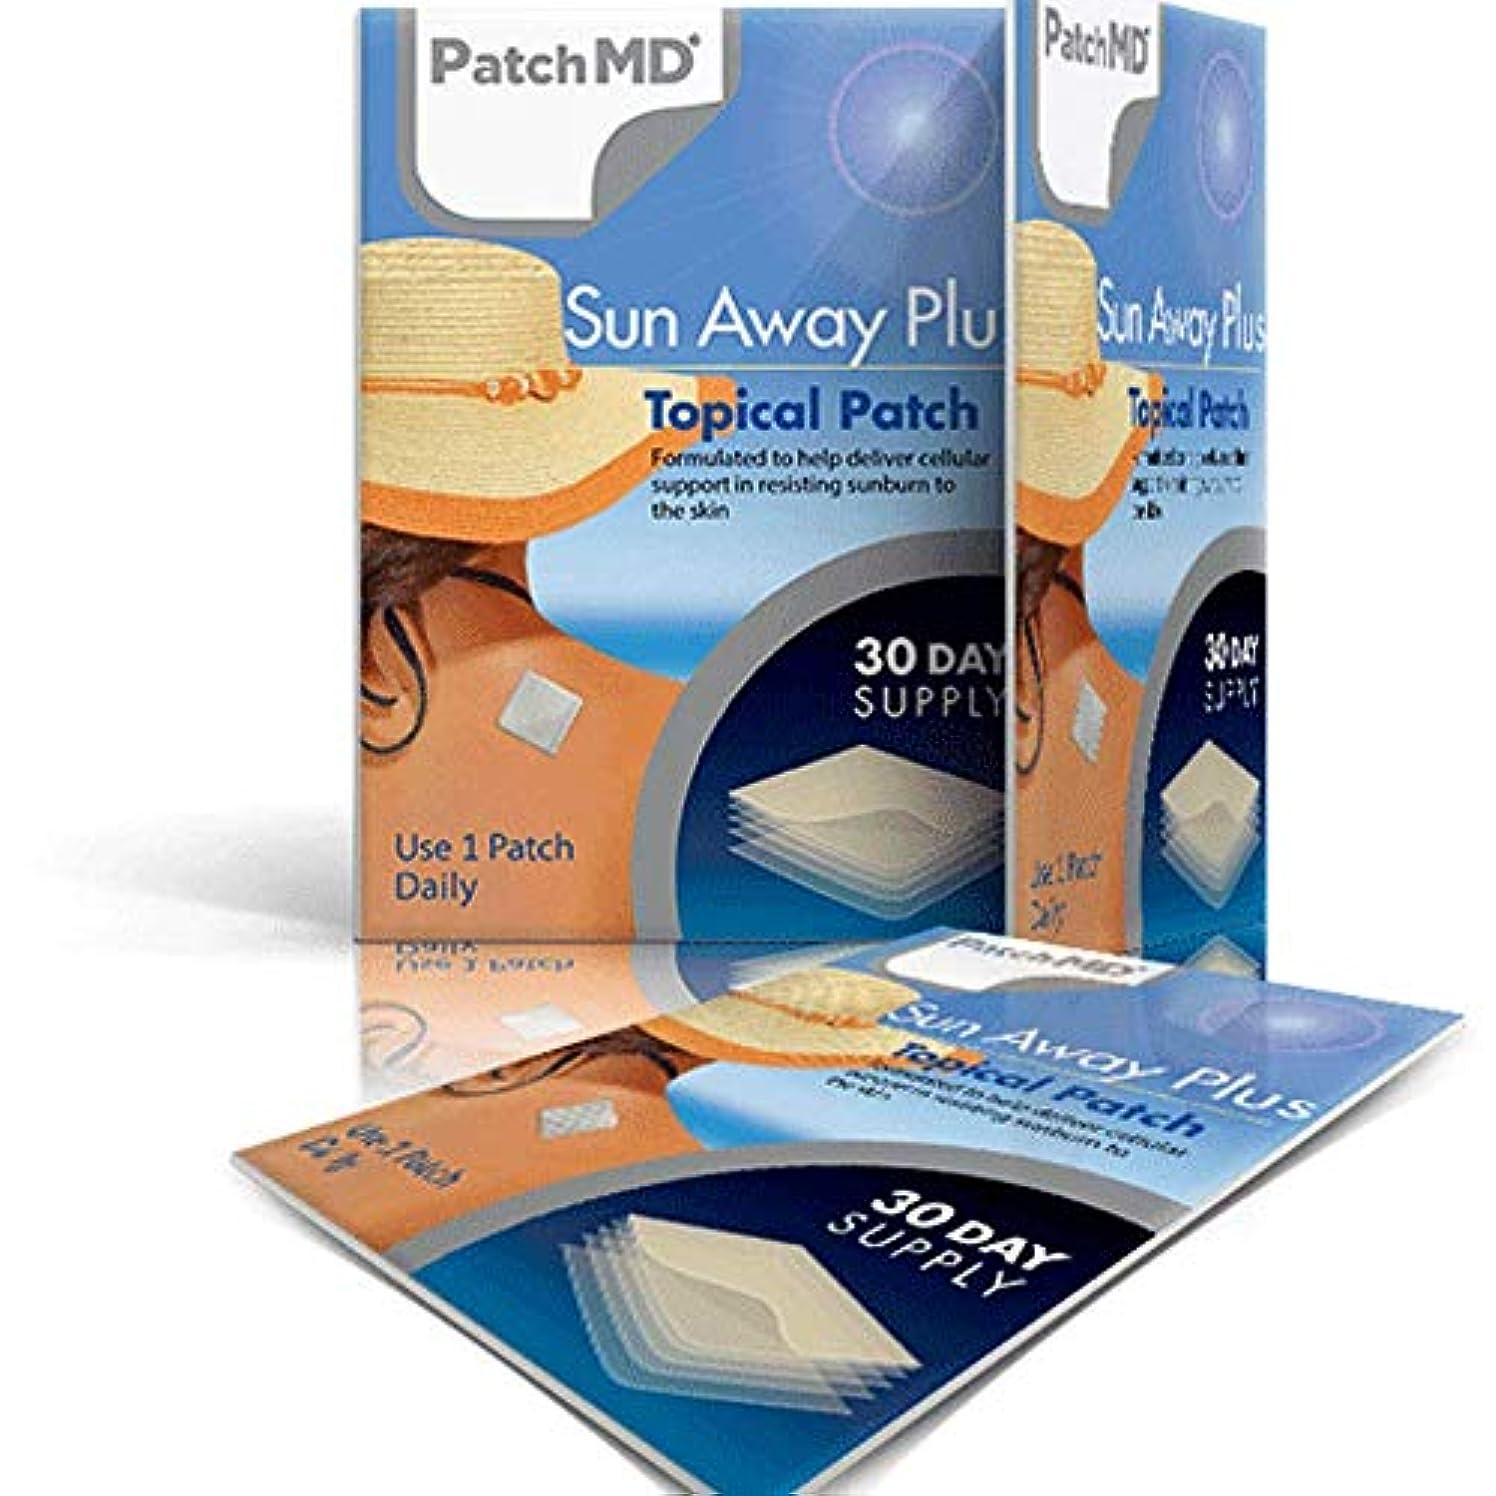 アルバム悪質な手書きパッチMD サンアウェイプラス 30パッチ 1袋 Sun Away Plus Topical Patch